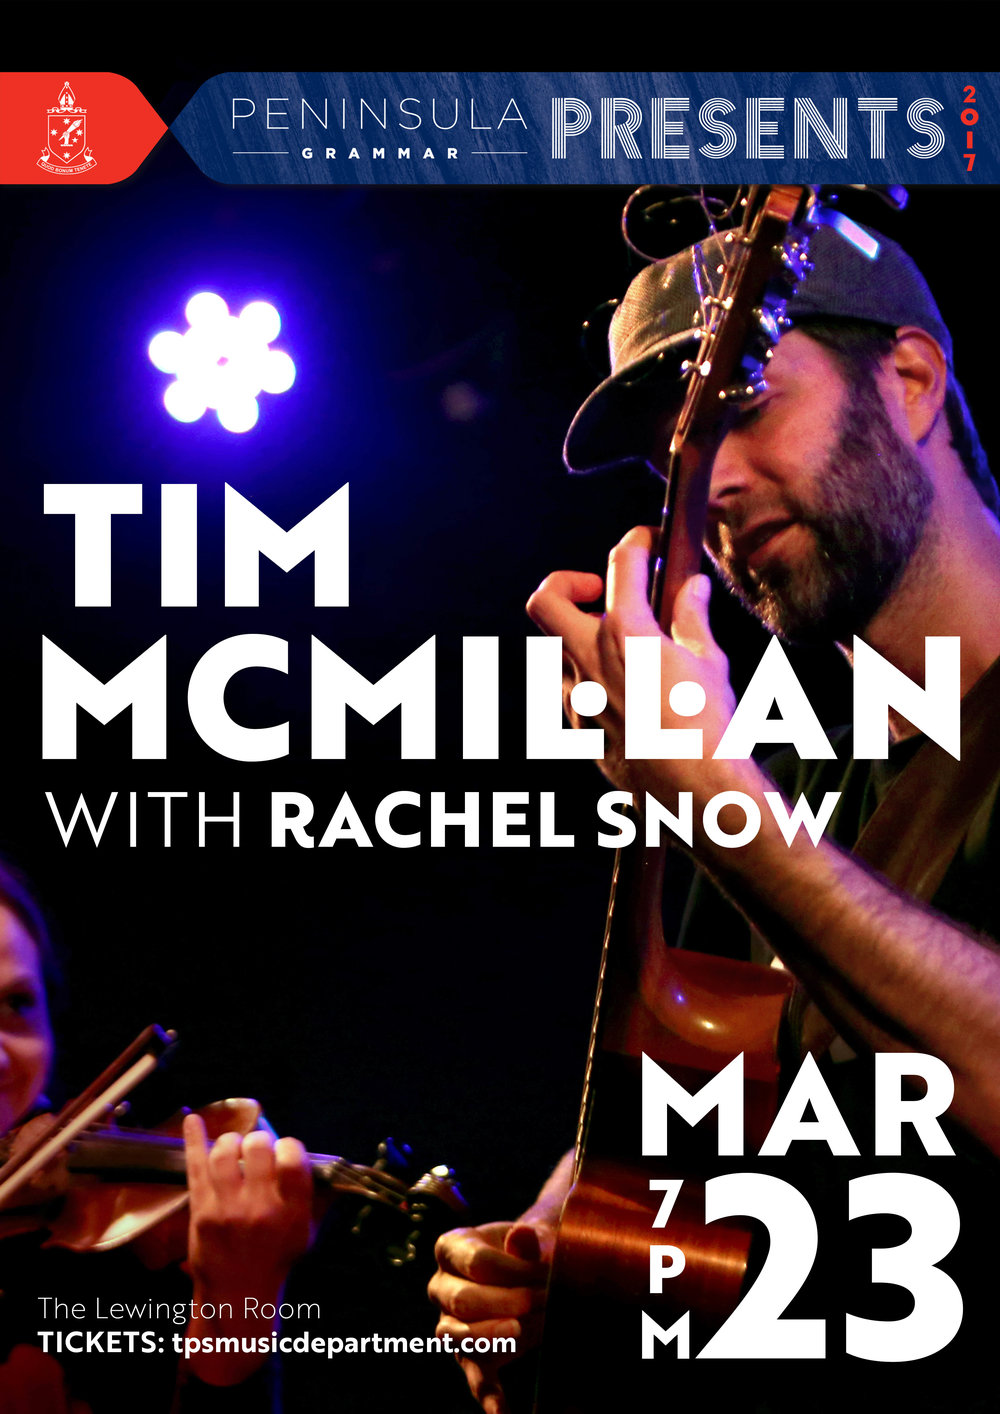 TIM MCMiLLAN Poster.jpg